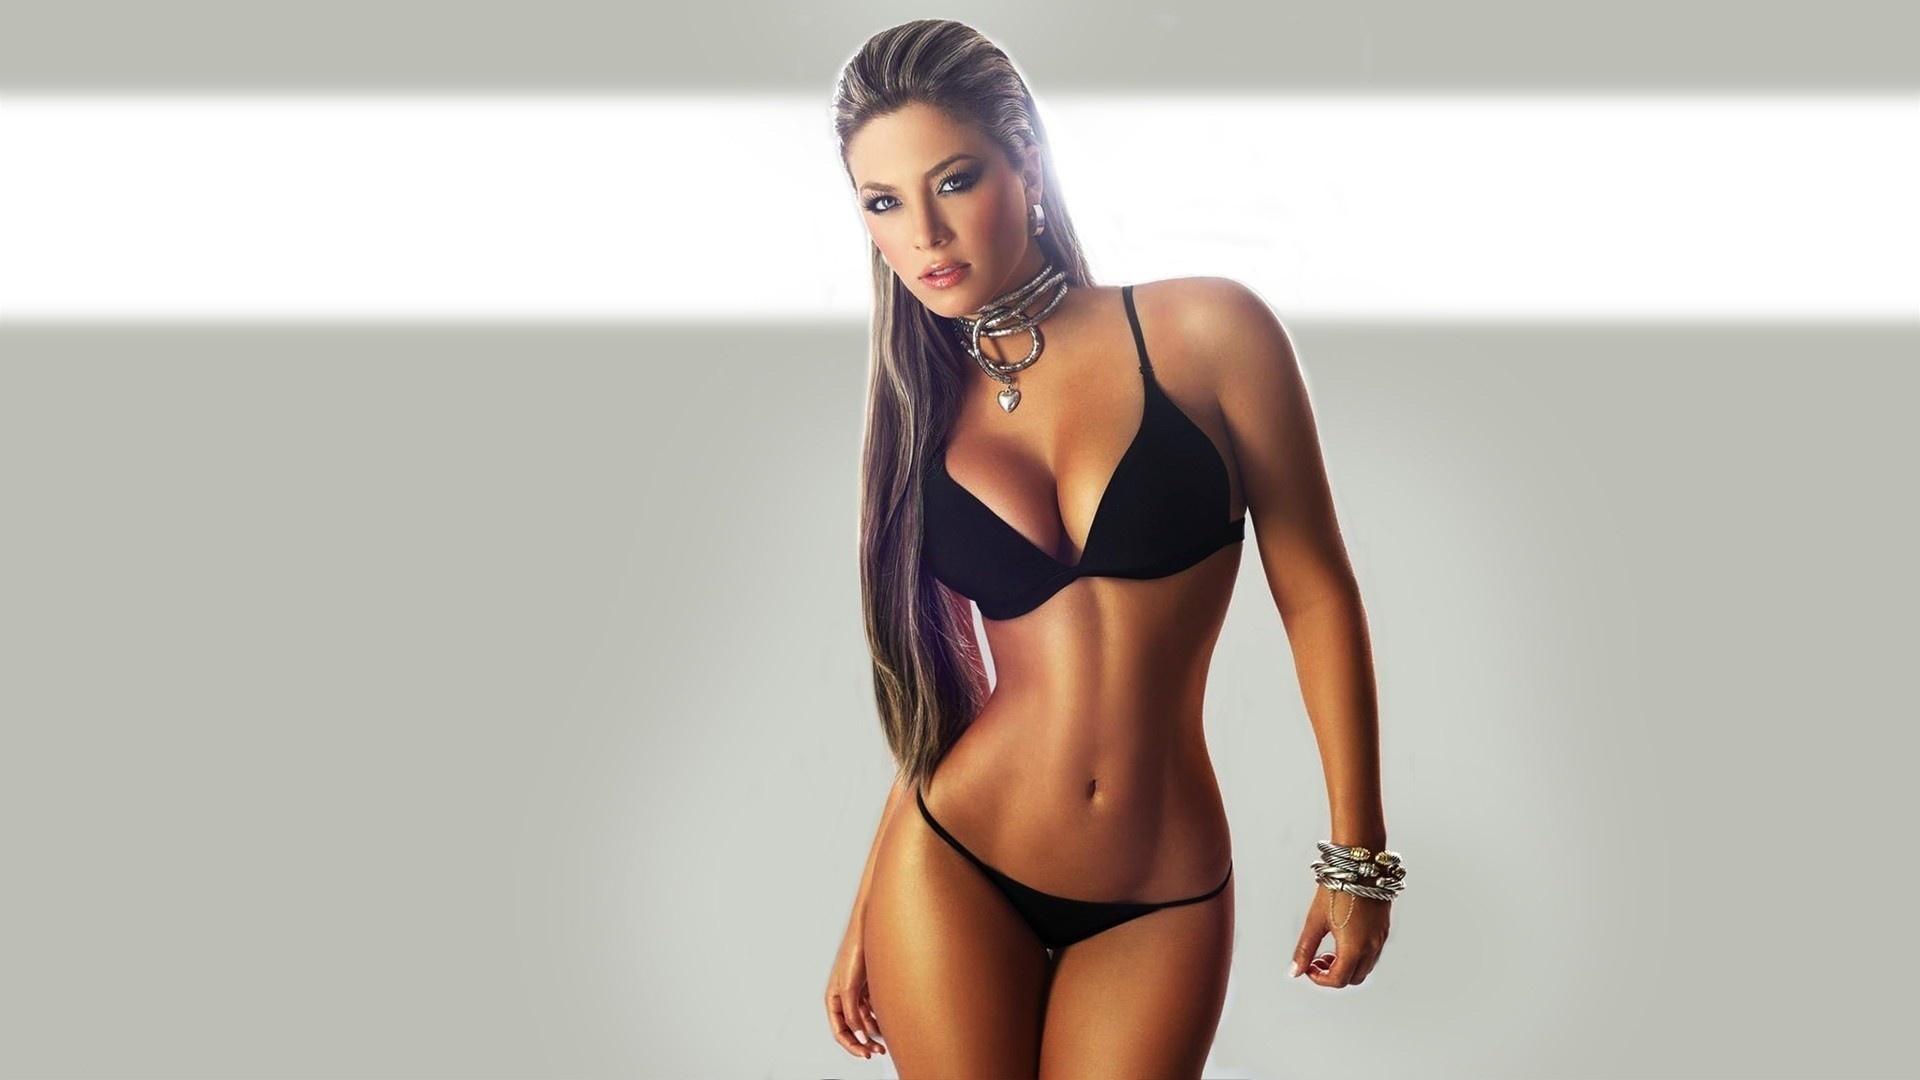 Самые красивые тела телки, Порно онлайн: Красивое тело - смотреть бесплатно 27 фотография